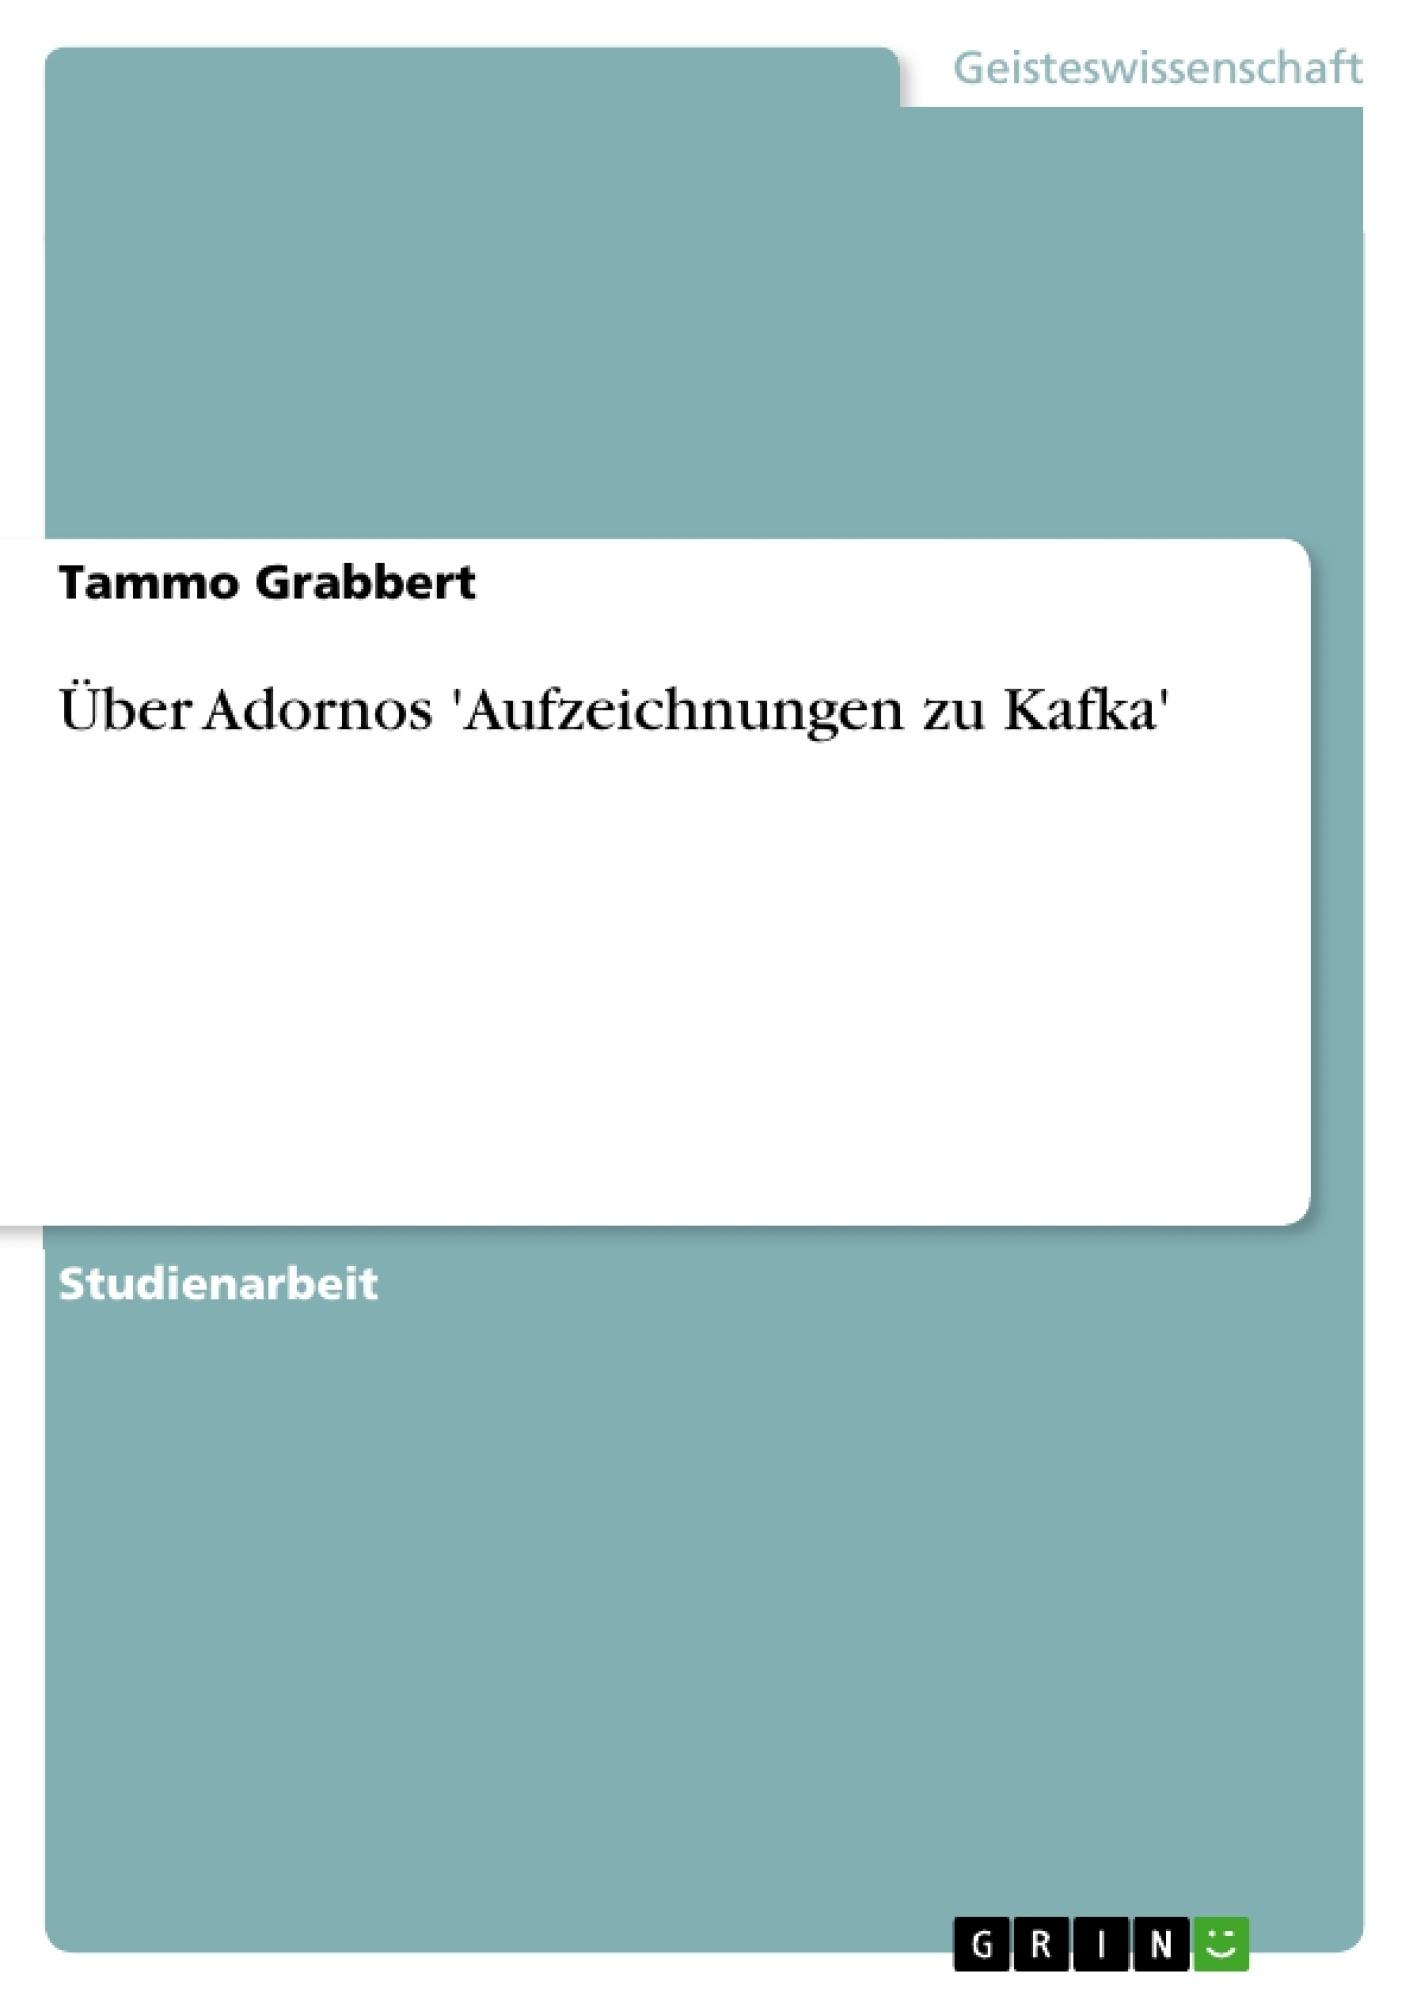 Titel: Über Adornos 'Aufzeichnungen zu Kafka'